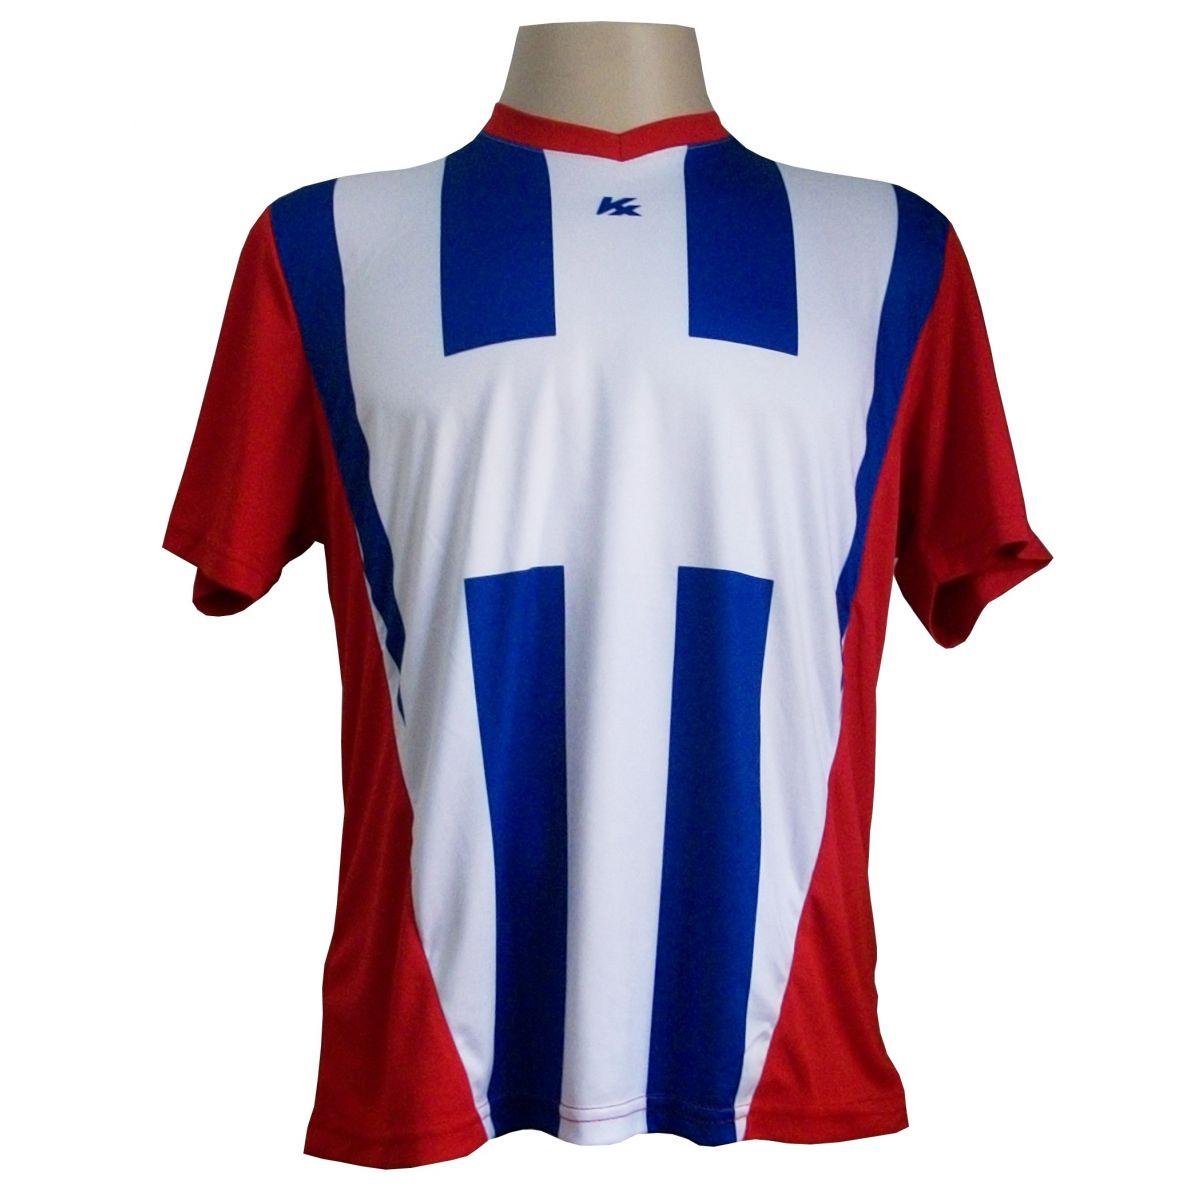 Jogo de camisa Profissional Carami com 14  Branco/Vermelho/Royal -  Frete Gr�tis Brasil + Brindes